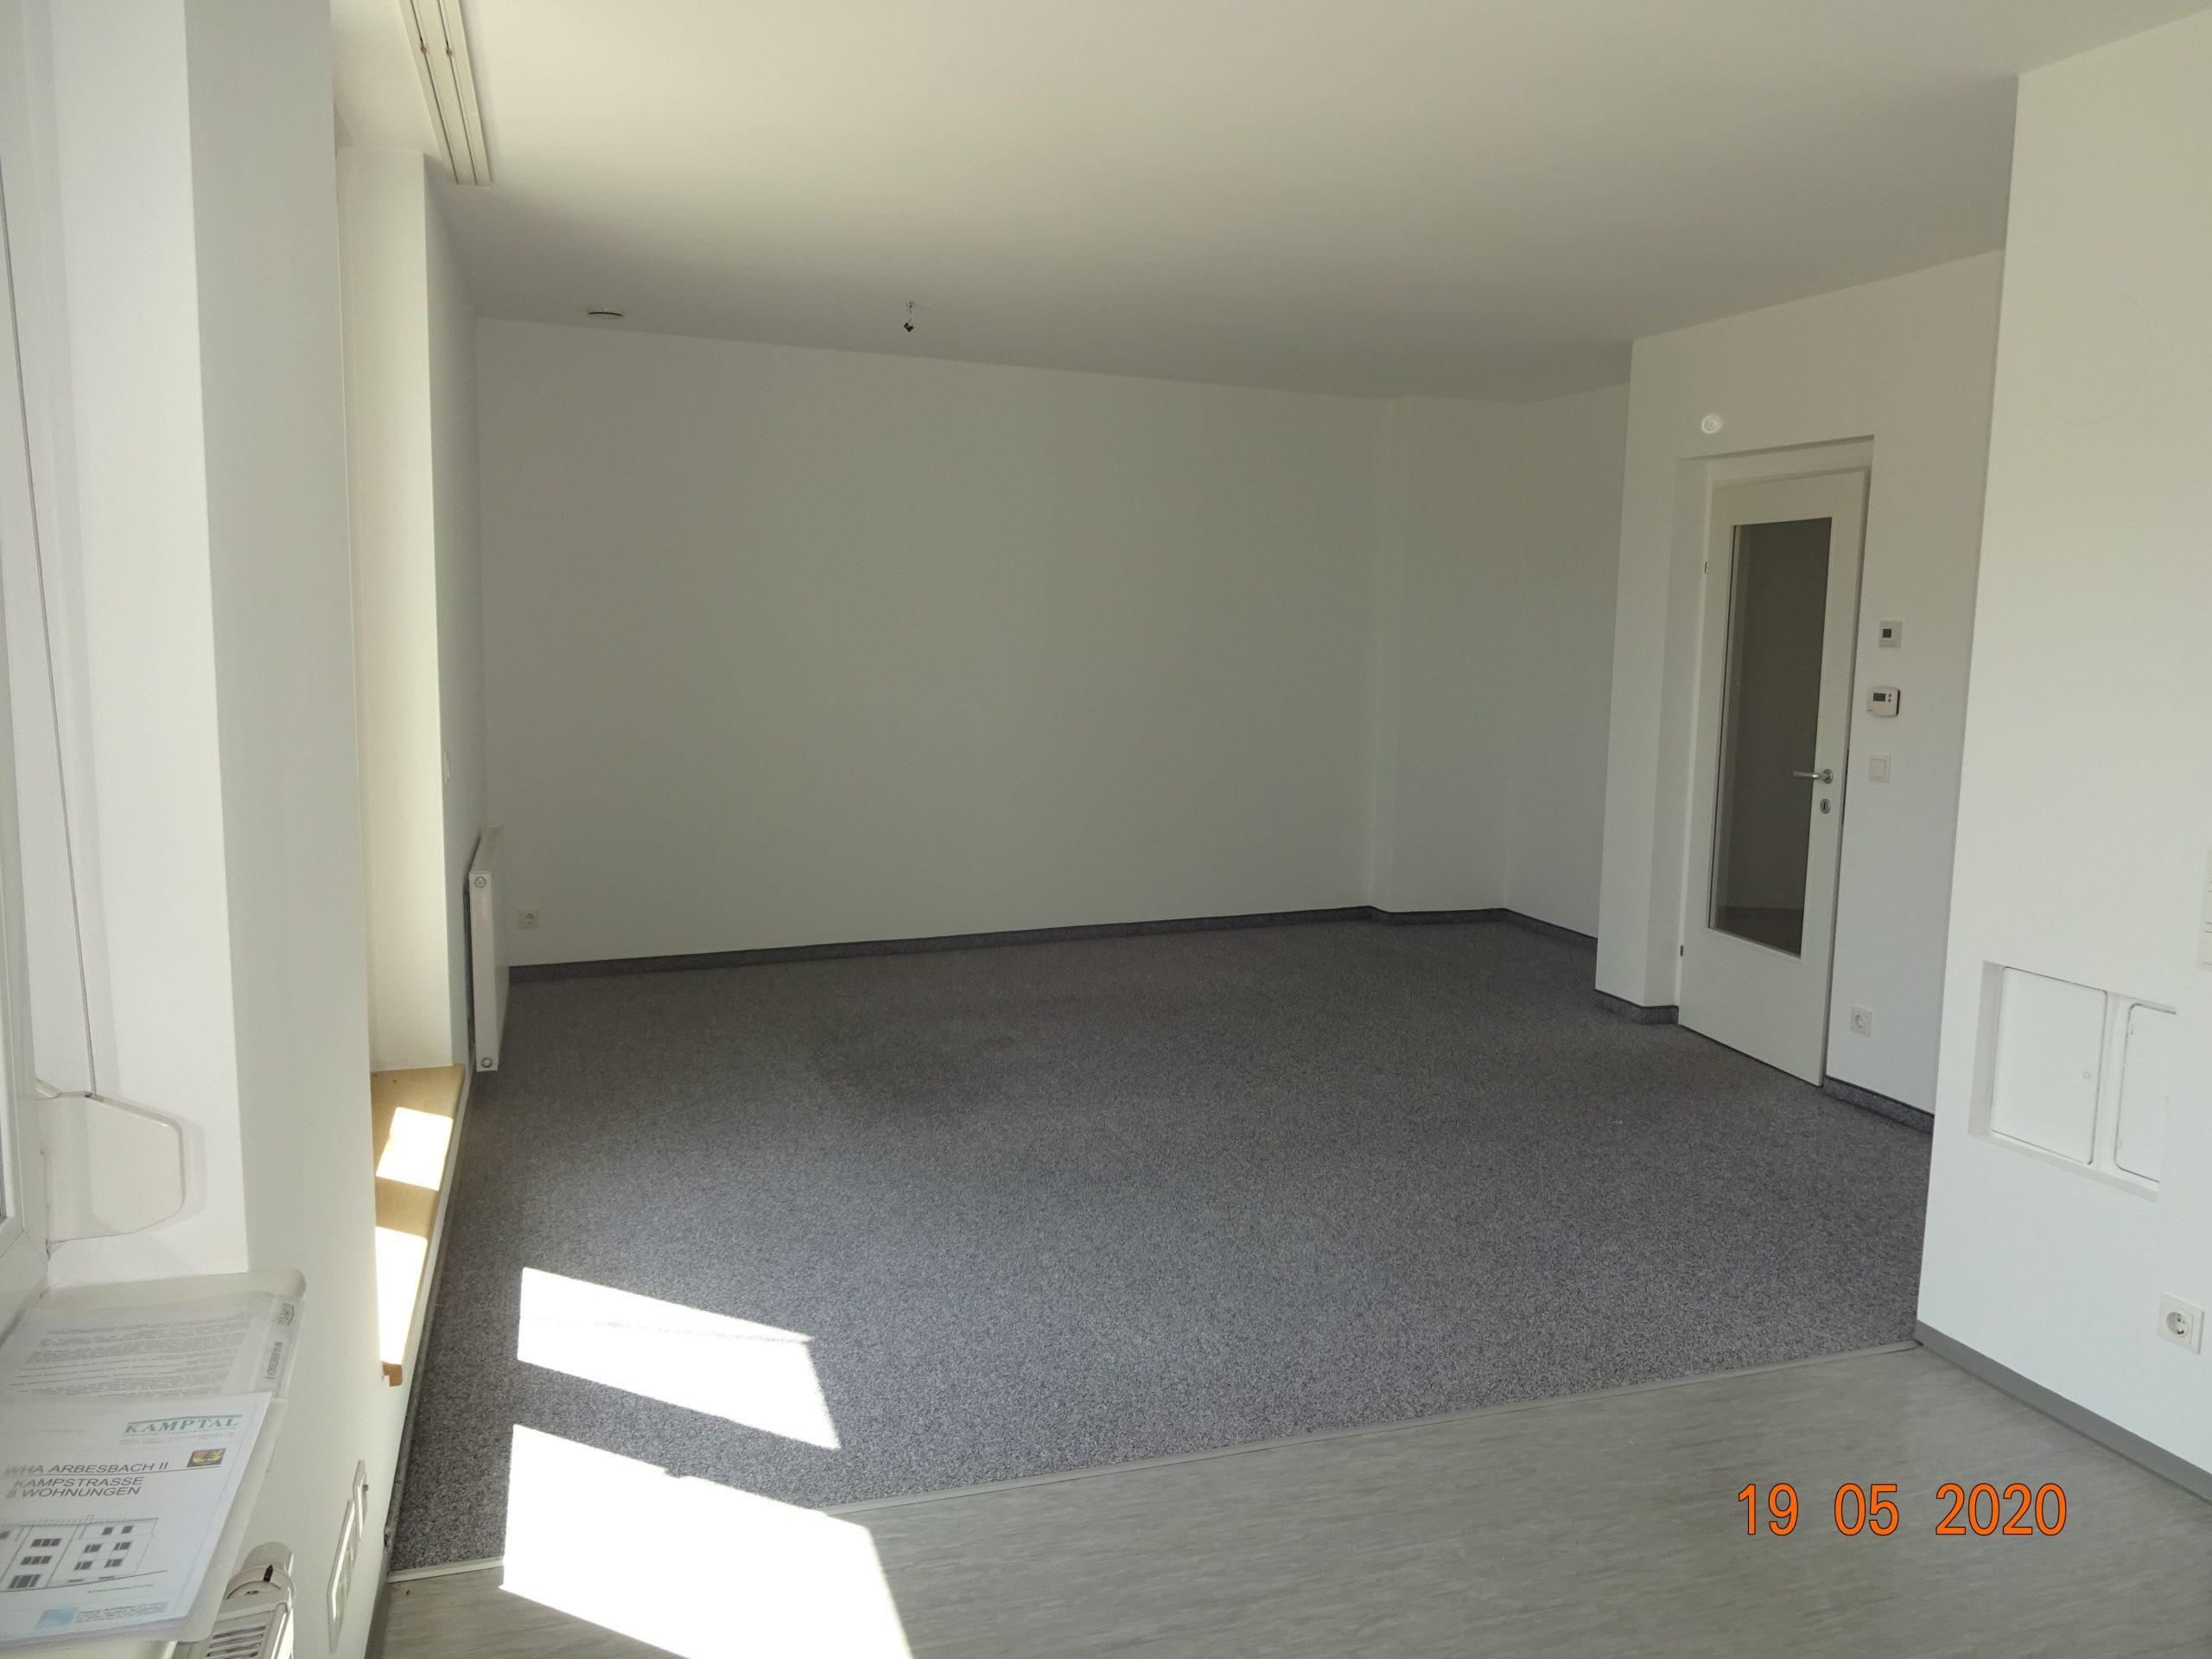 Immobilie von Kamptal in 3925 Arbesbach, Zwettl, Arbesbach II - Top 7 #7